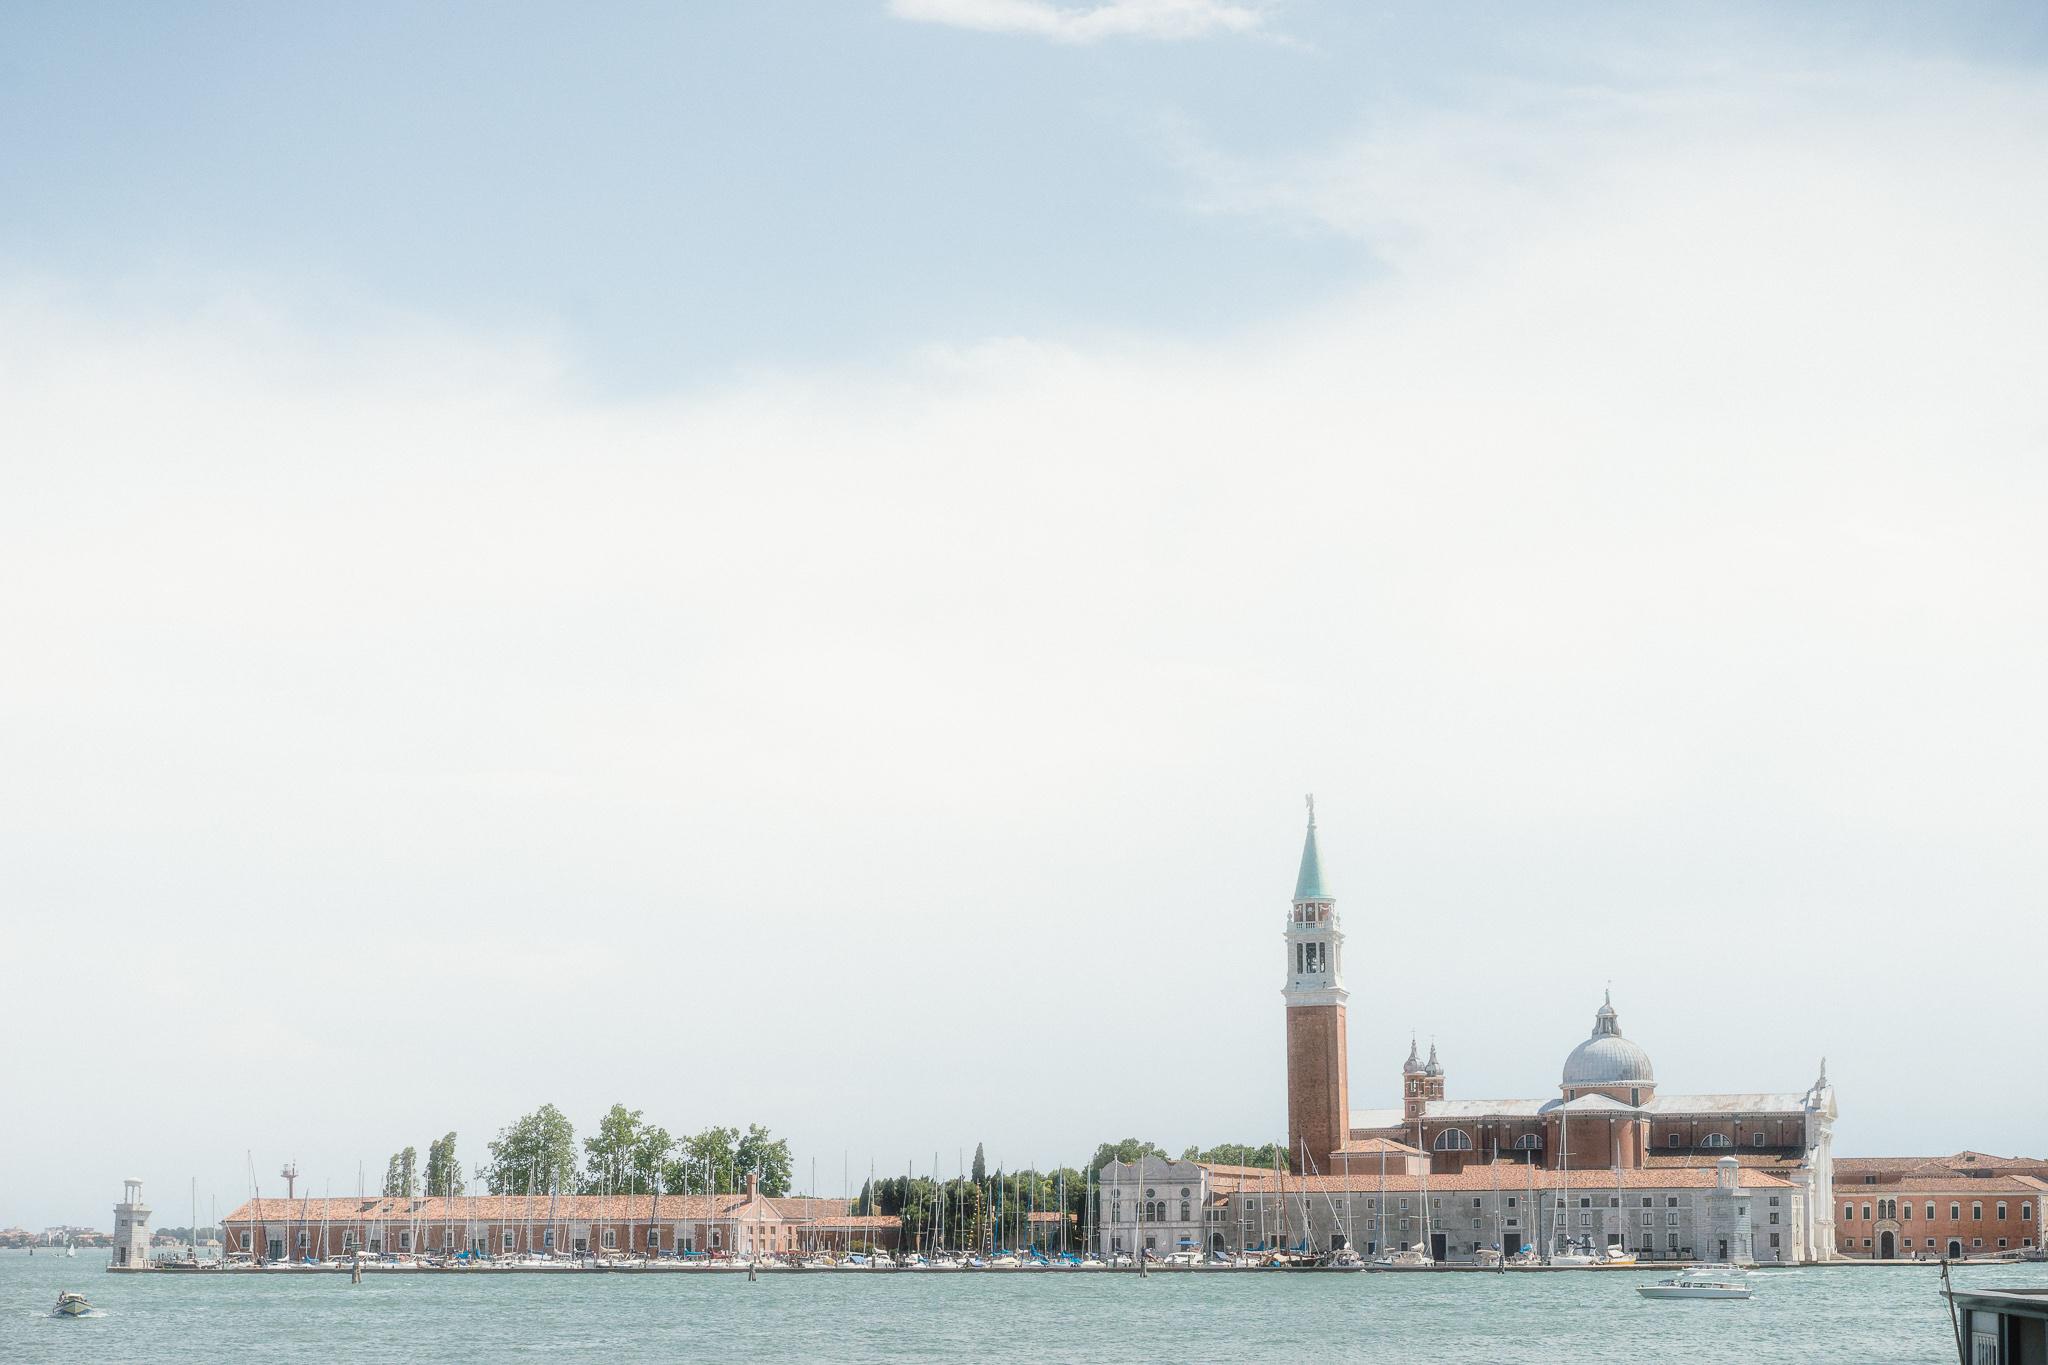 Venice-Burano-Italy-17.jpg